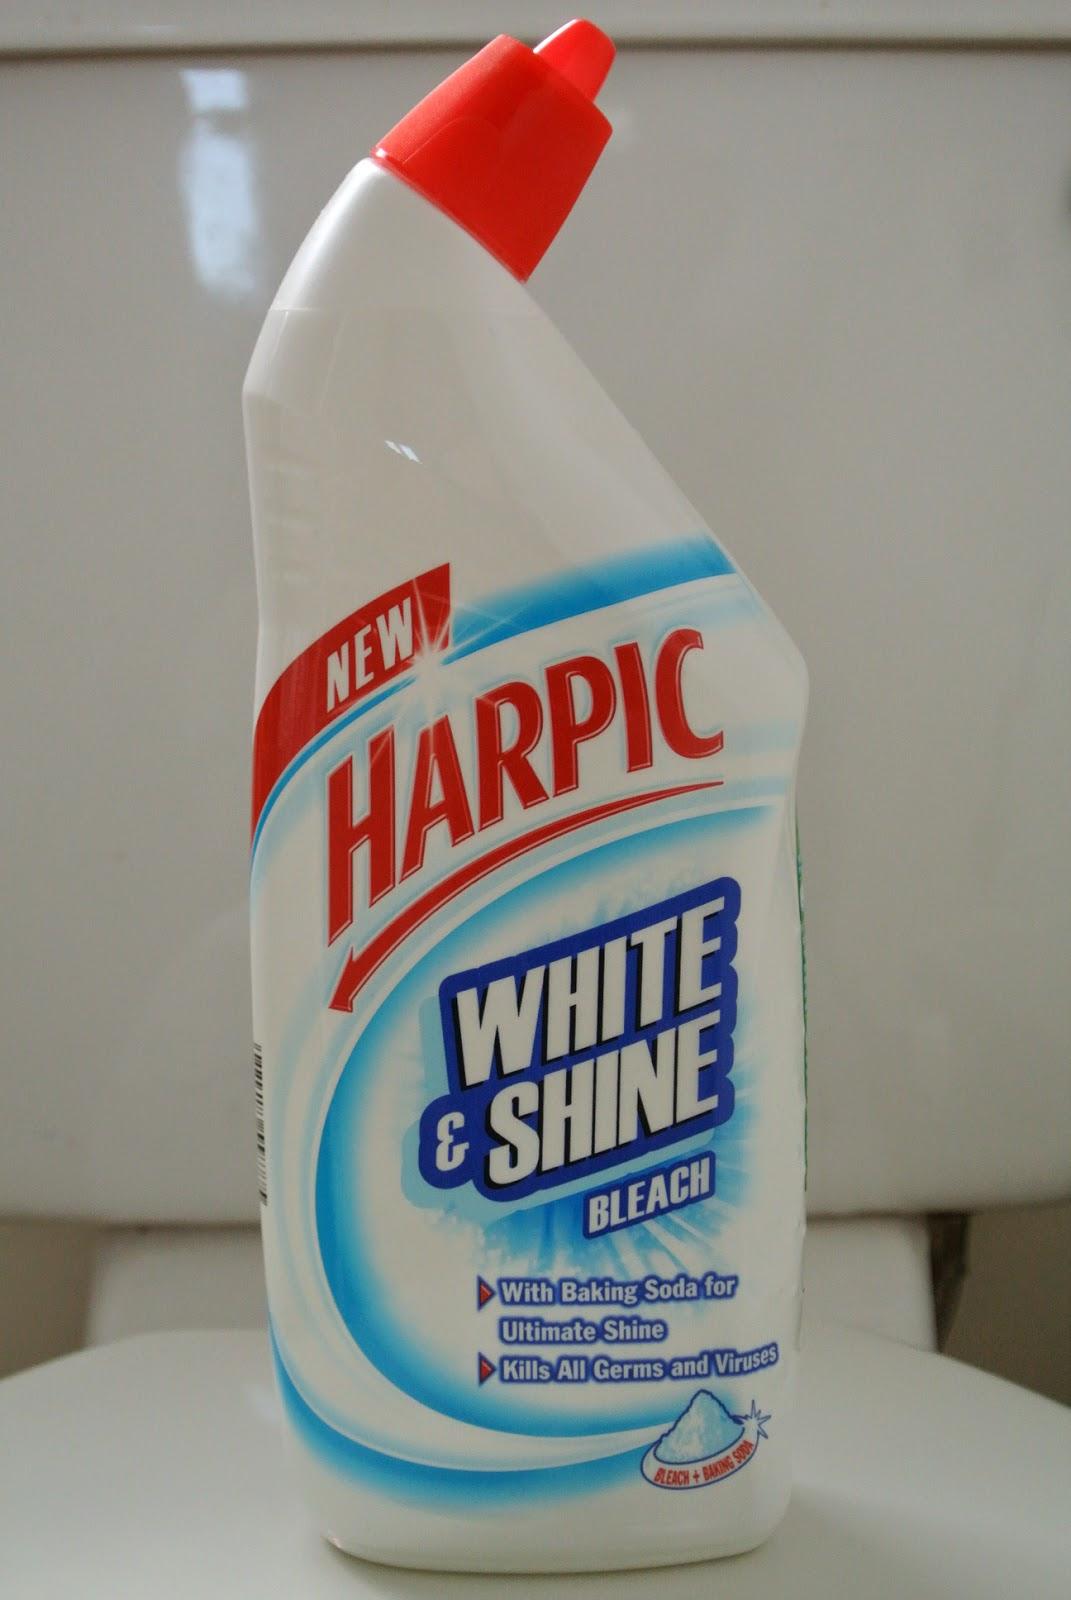 Harpic White & Shine